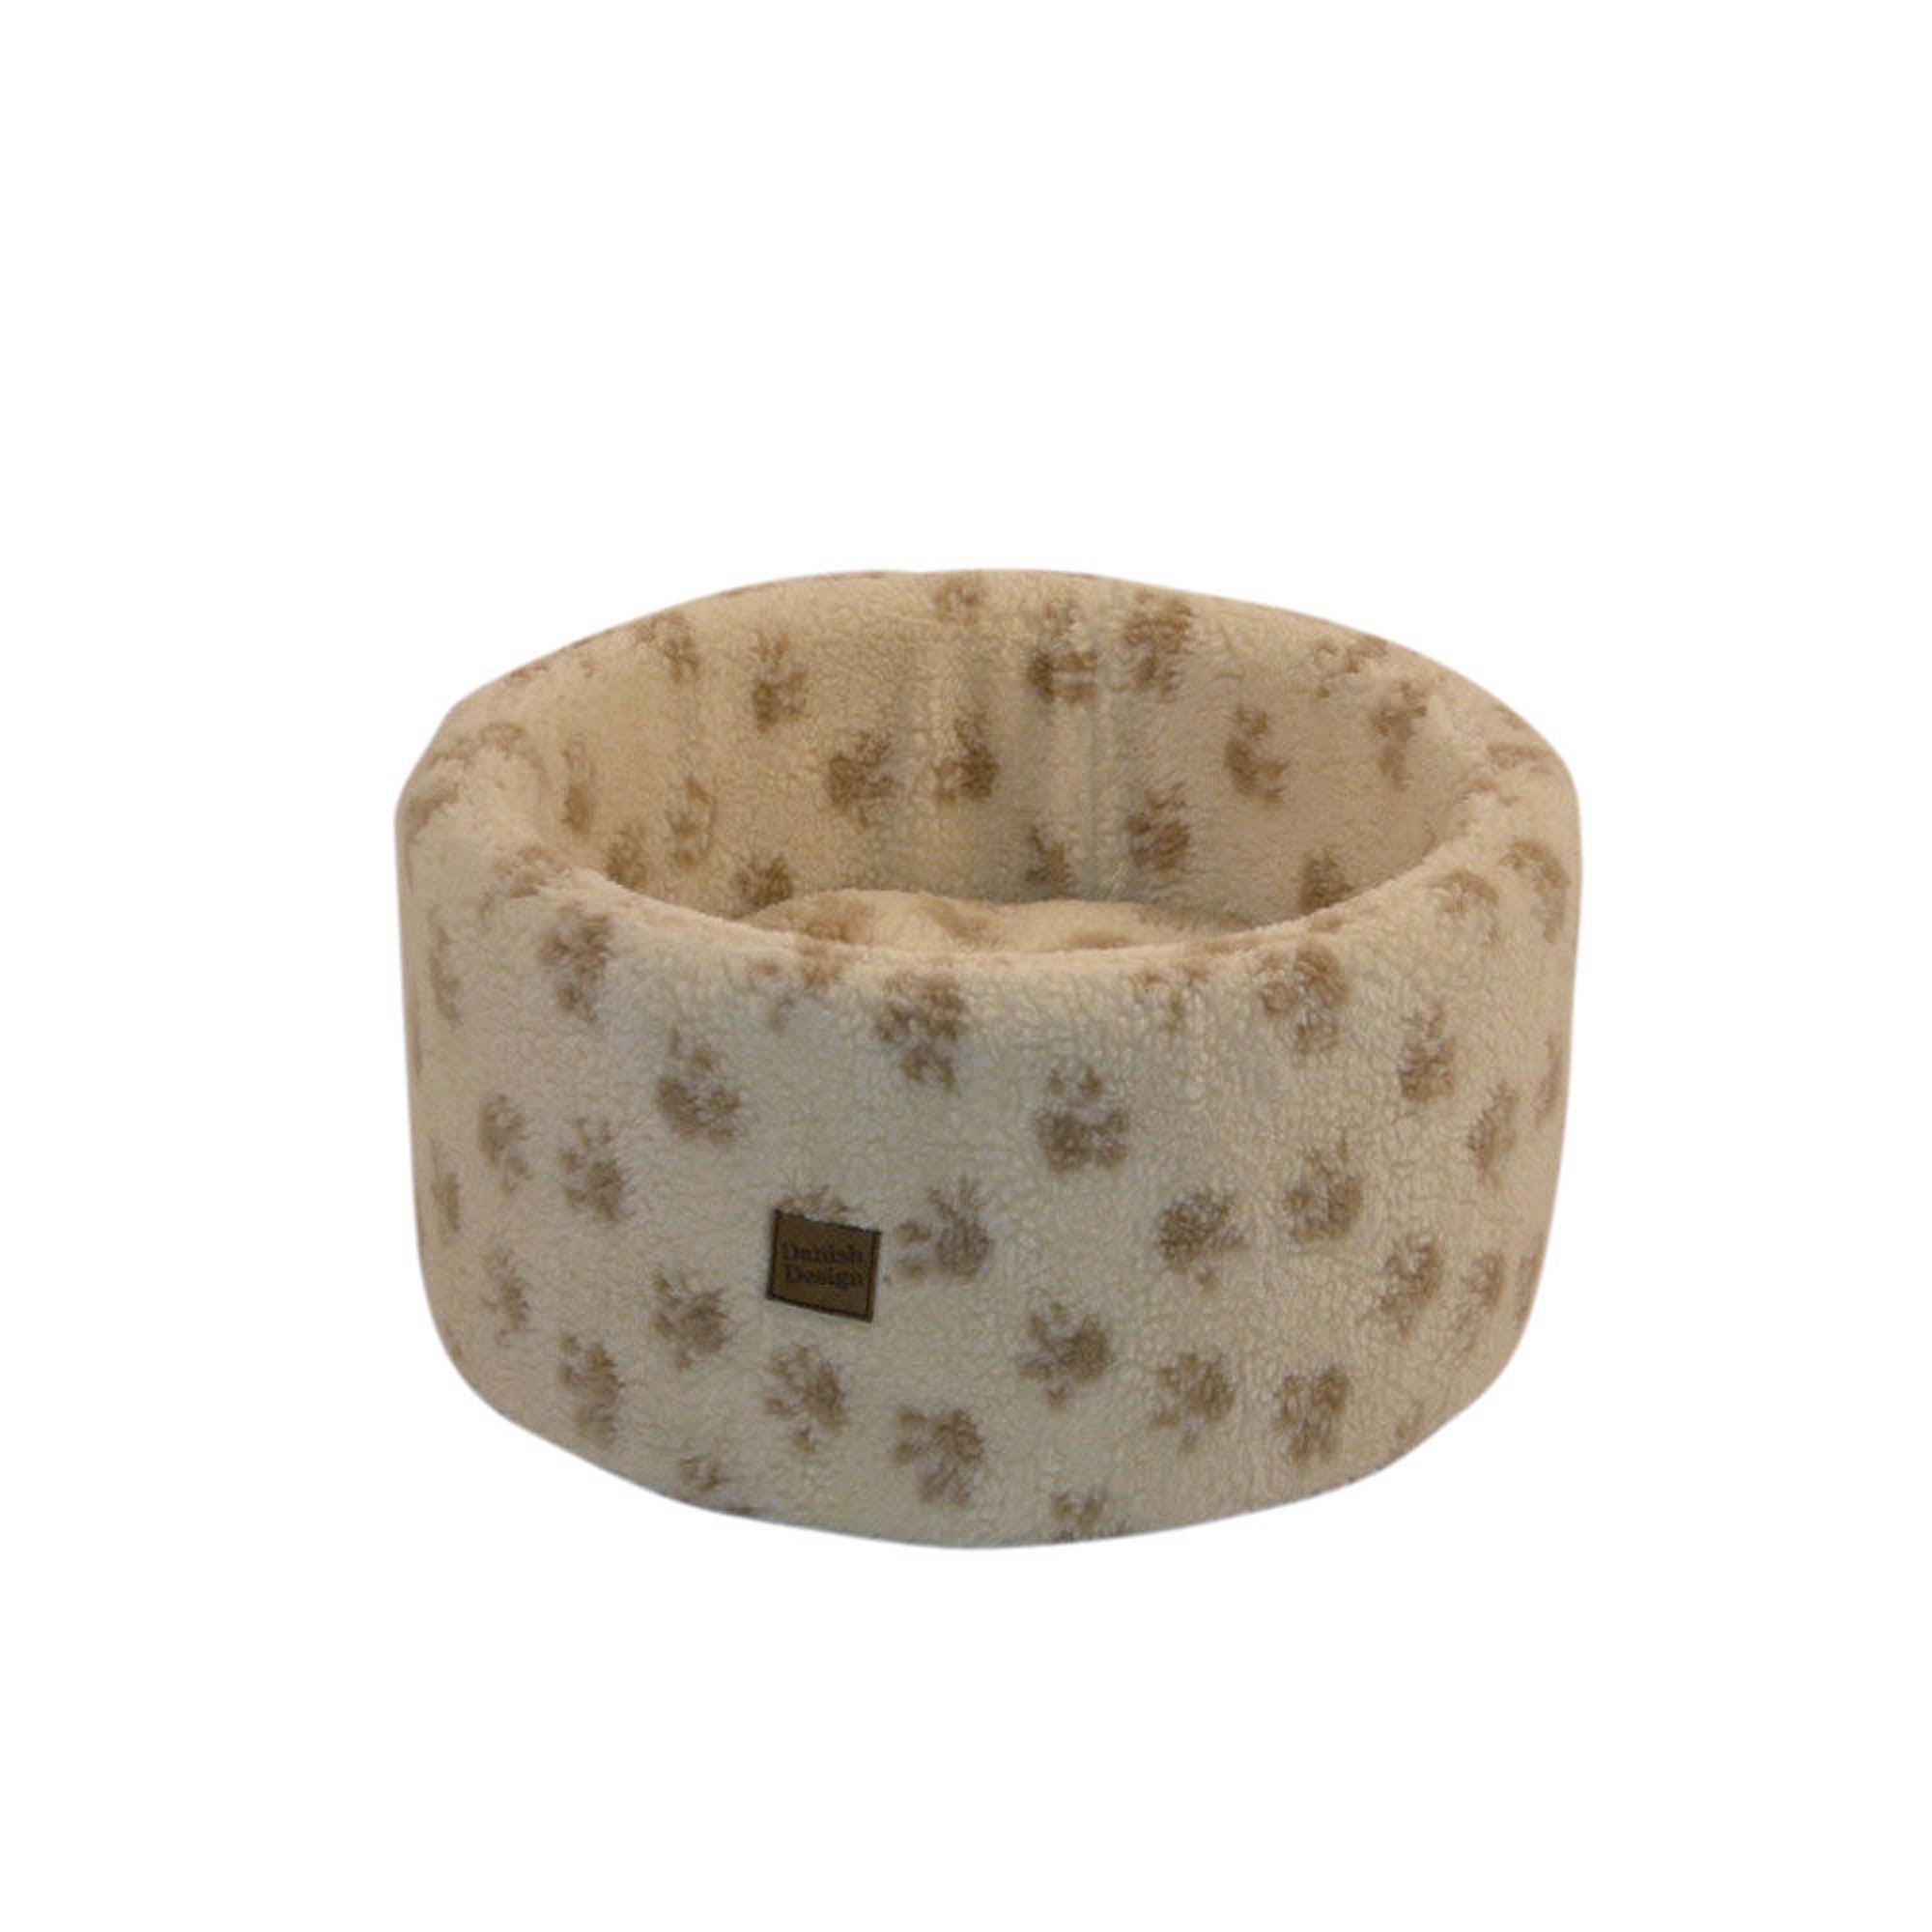 Cream Cosy Cat Bed Cream / Brown